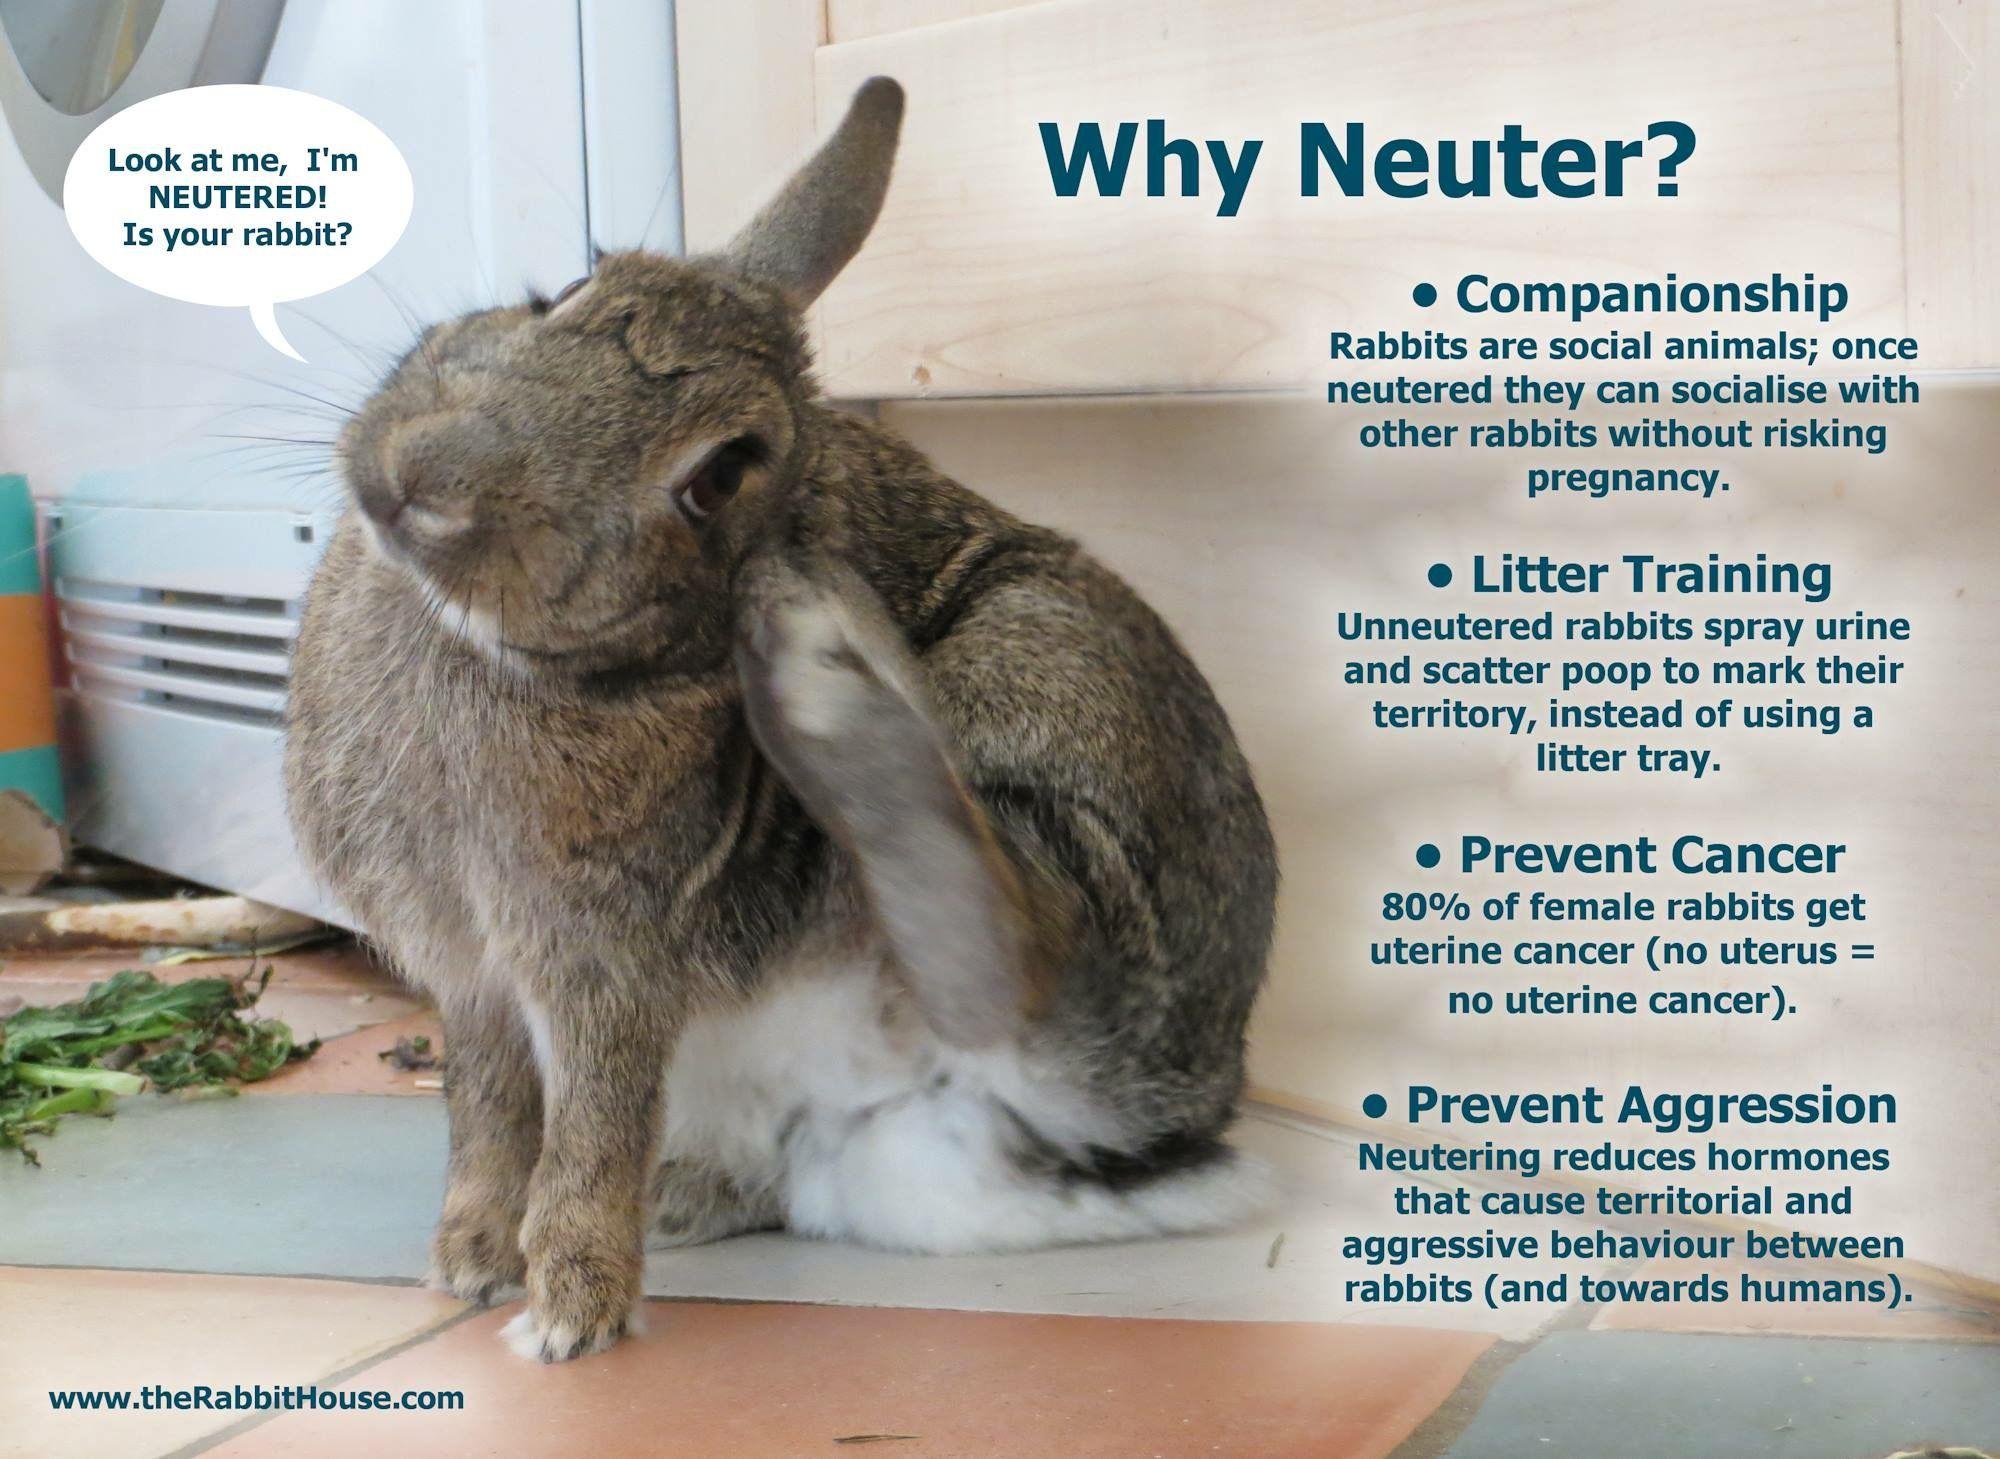 Neuter rabbit